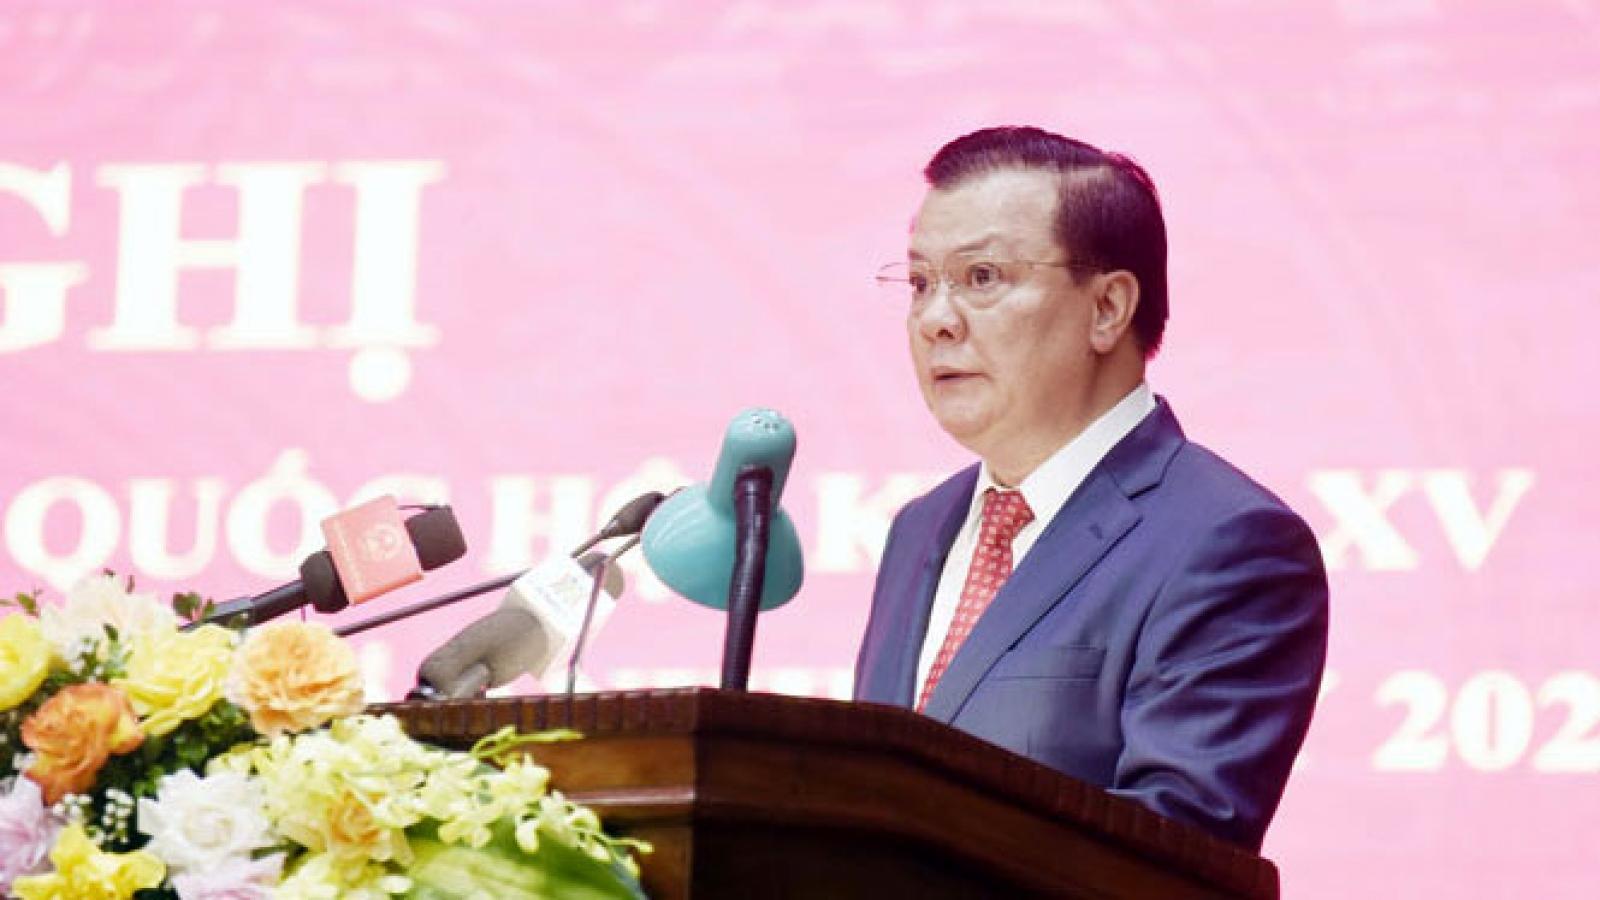 Bí thư Hà Nội: Các đại biểu trúng cử cần thực hiện ngay chương trình hành động